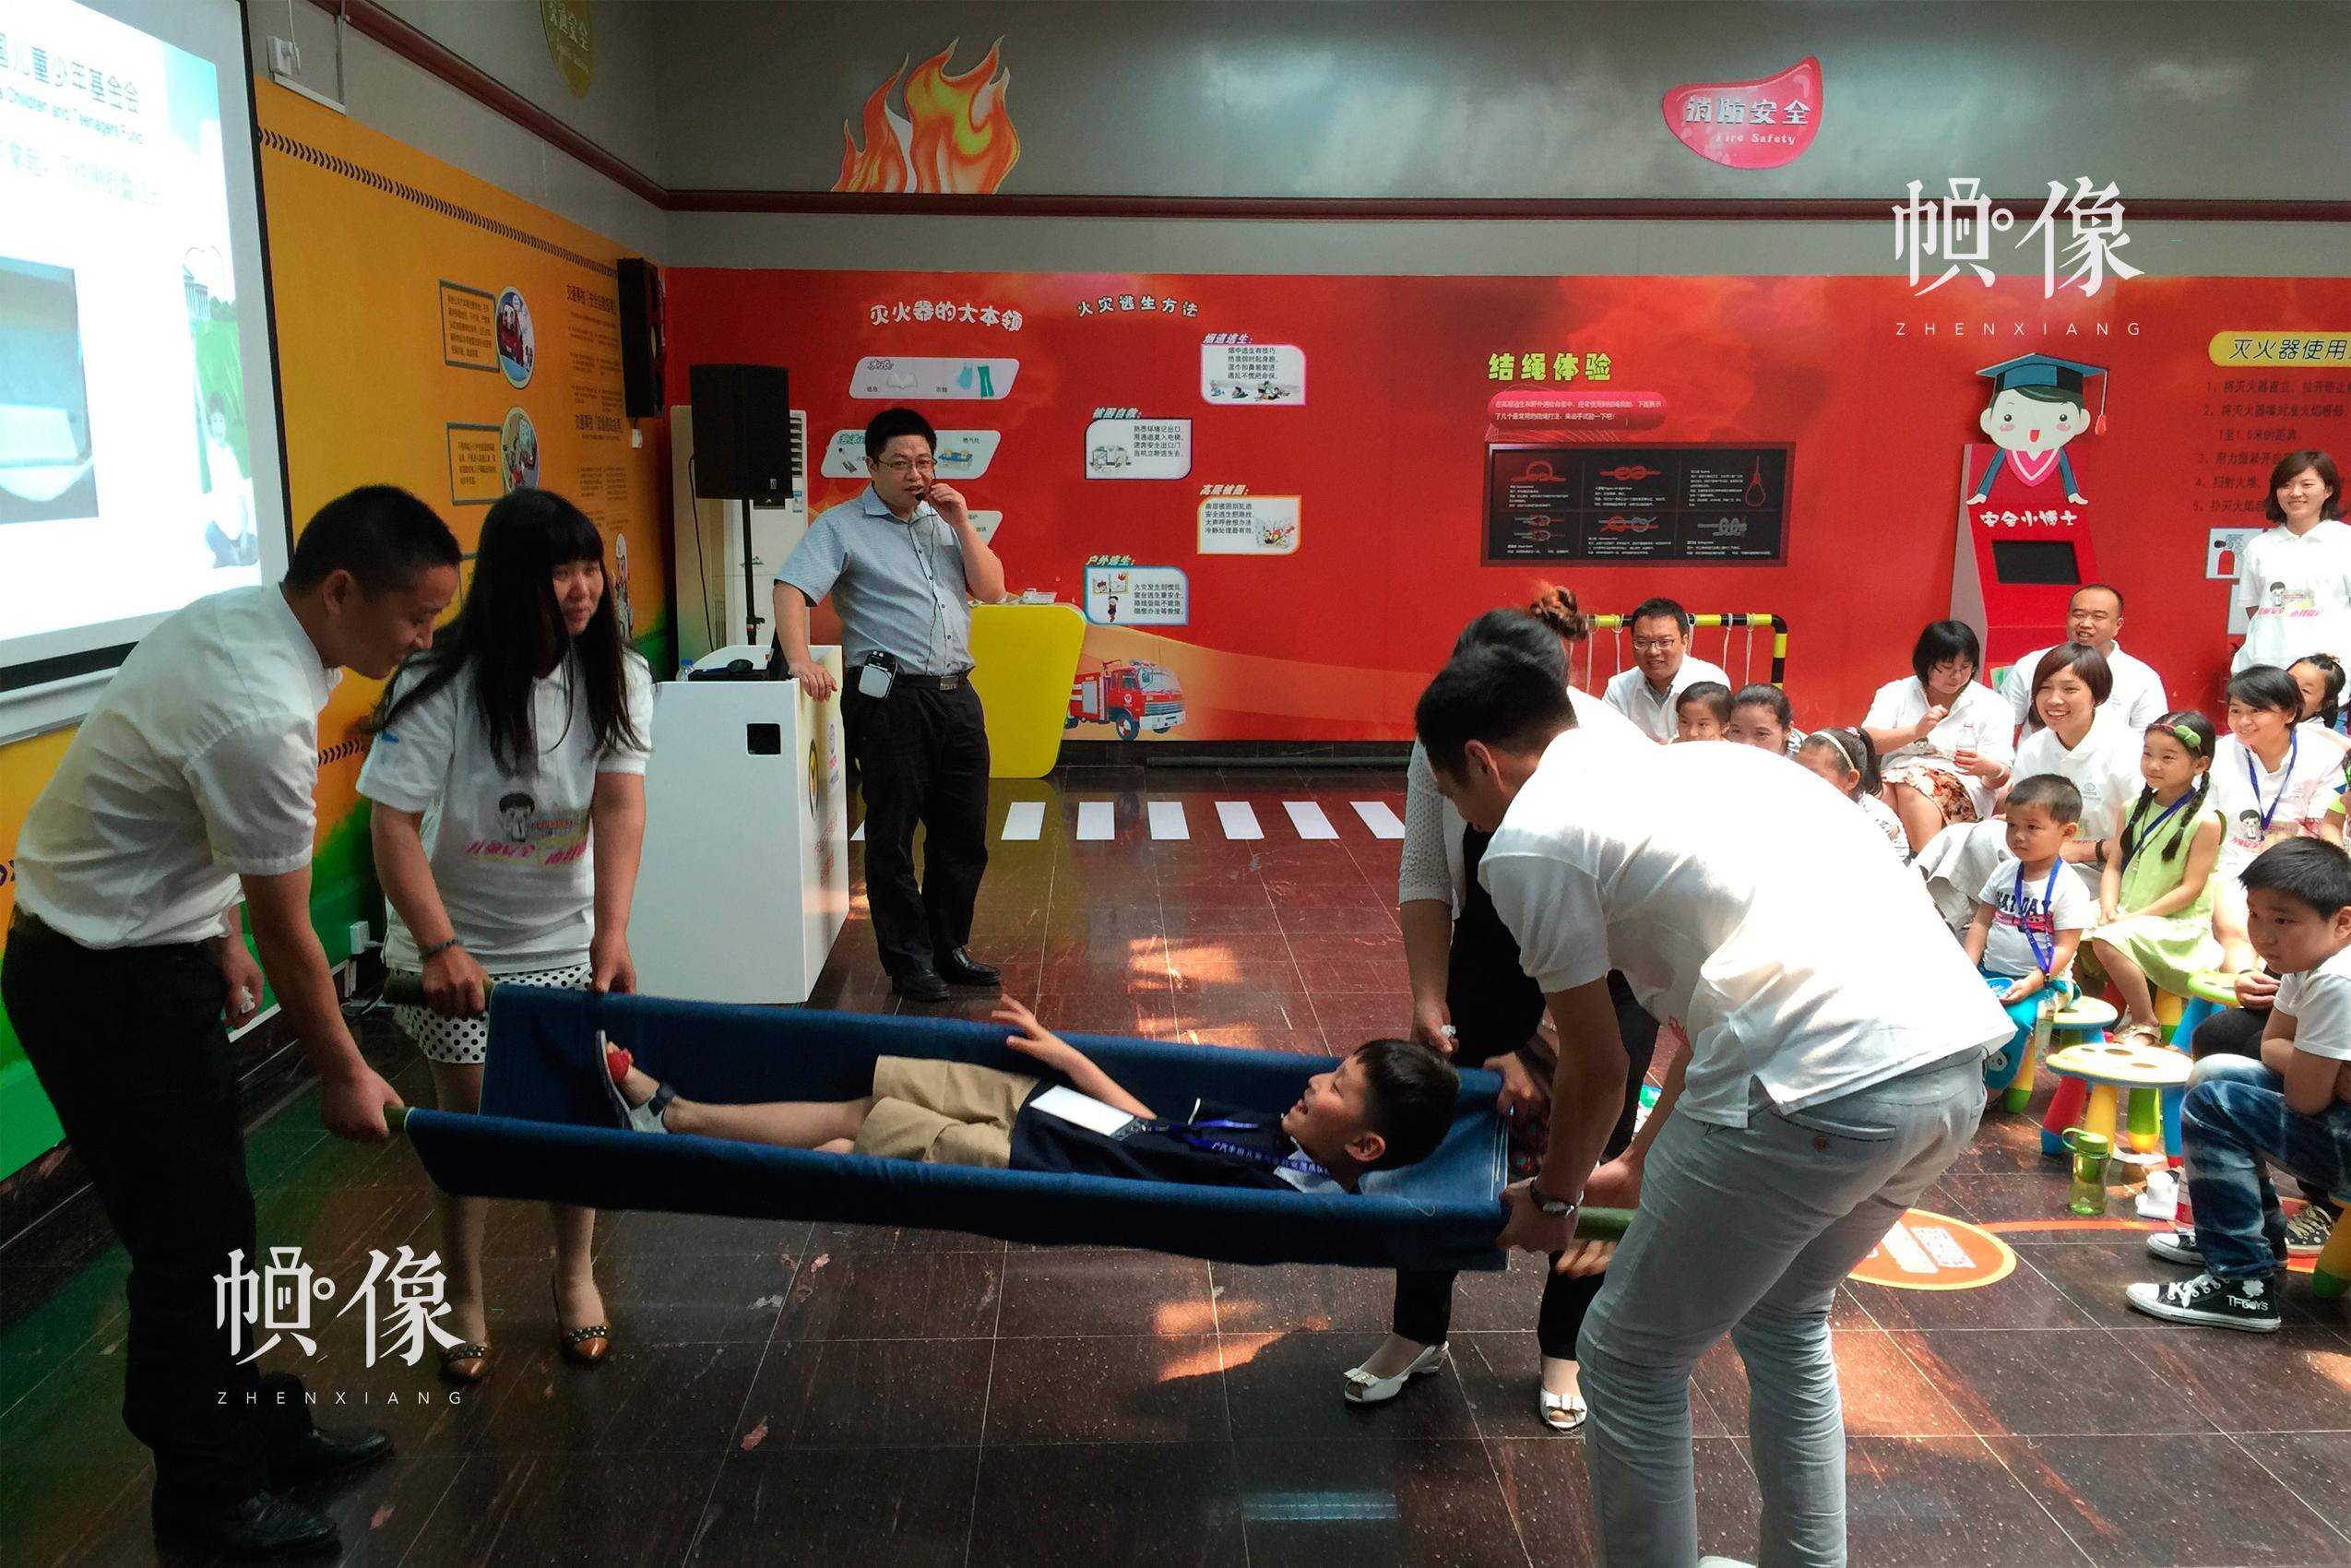 安全教育落地河南,在安全体验教室举办亲子活动,参与者体验简易担架制作与伤员搬运。中国儿童少年基金会供图